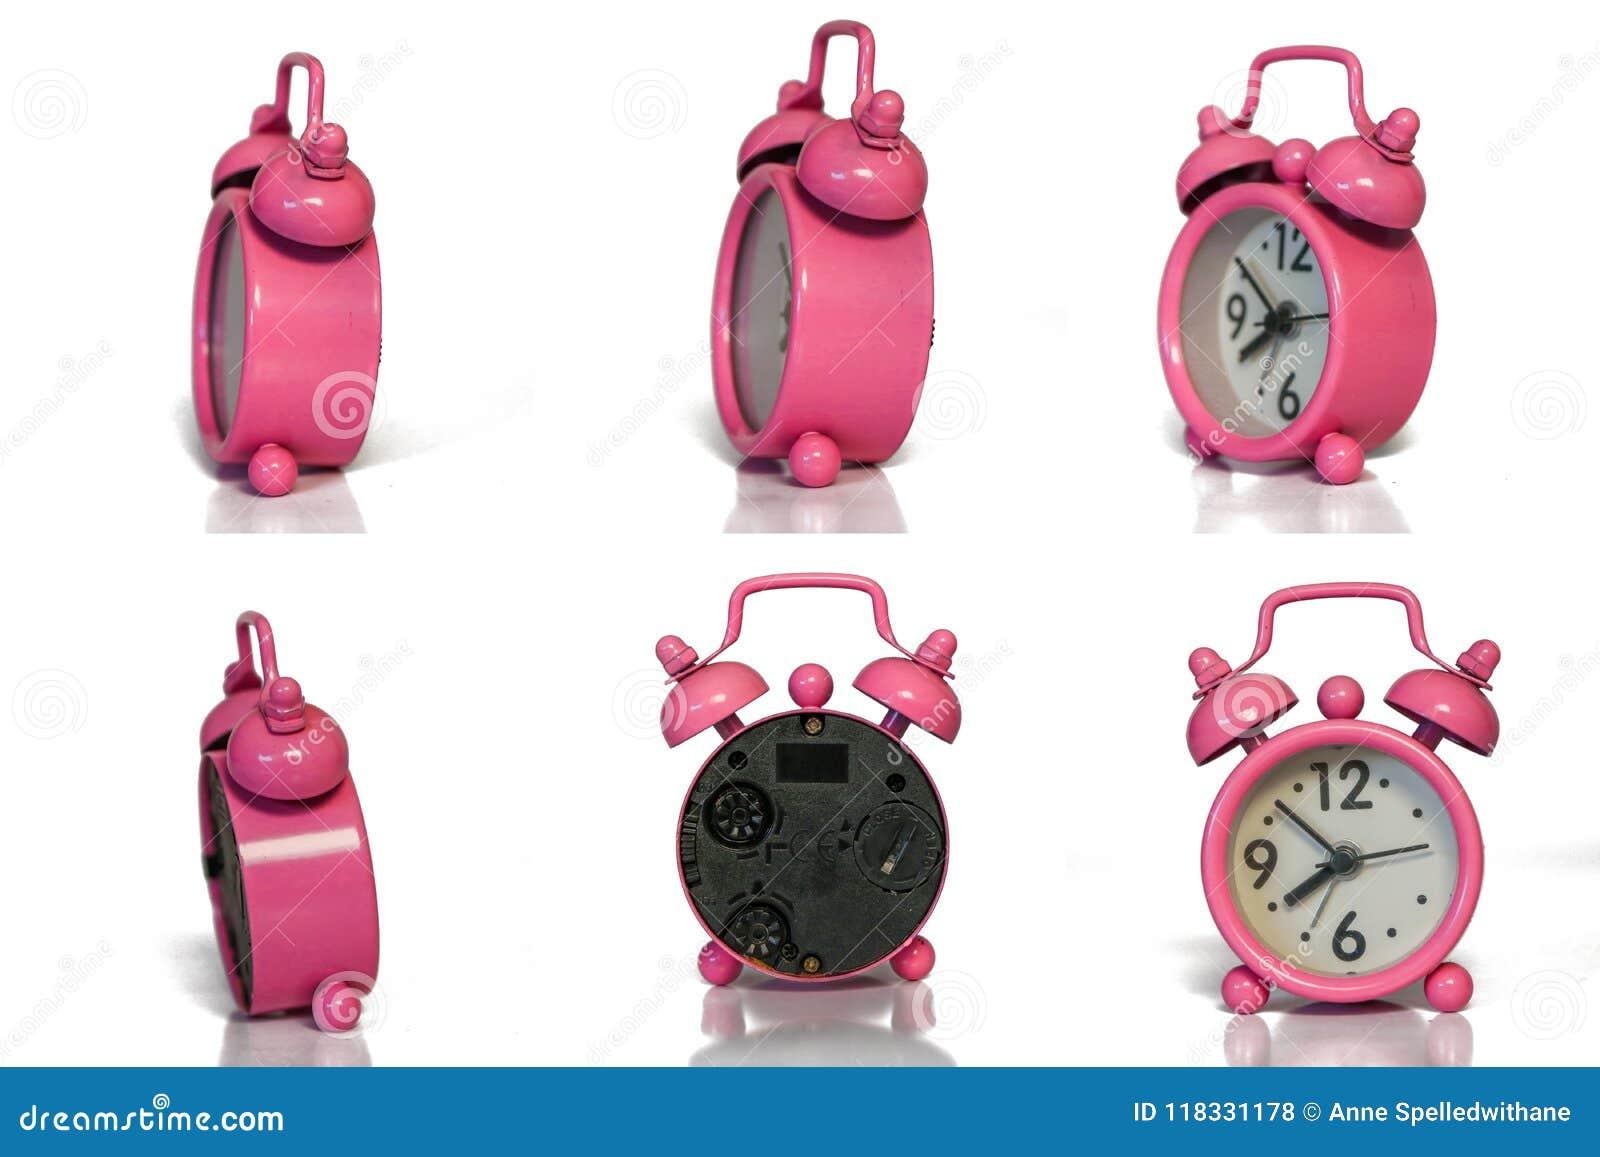 Roze Uitstekende Wekker - Minimaal Ontwerp - Verschillend Hoekensi